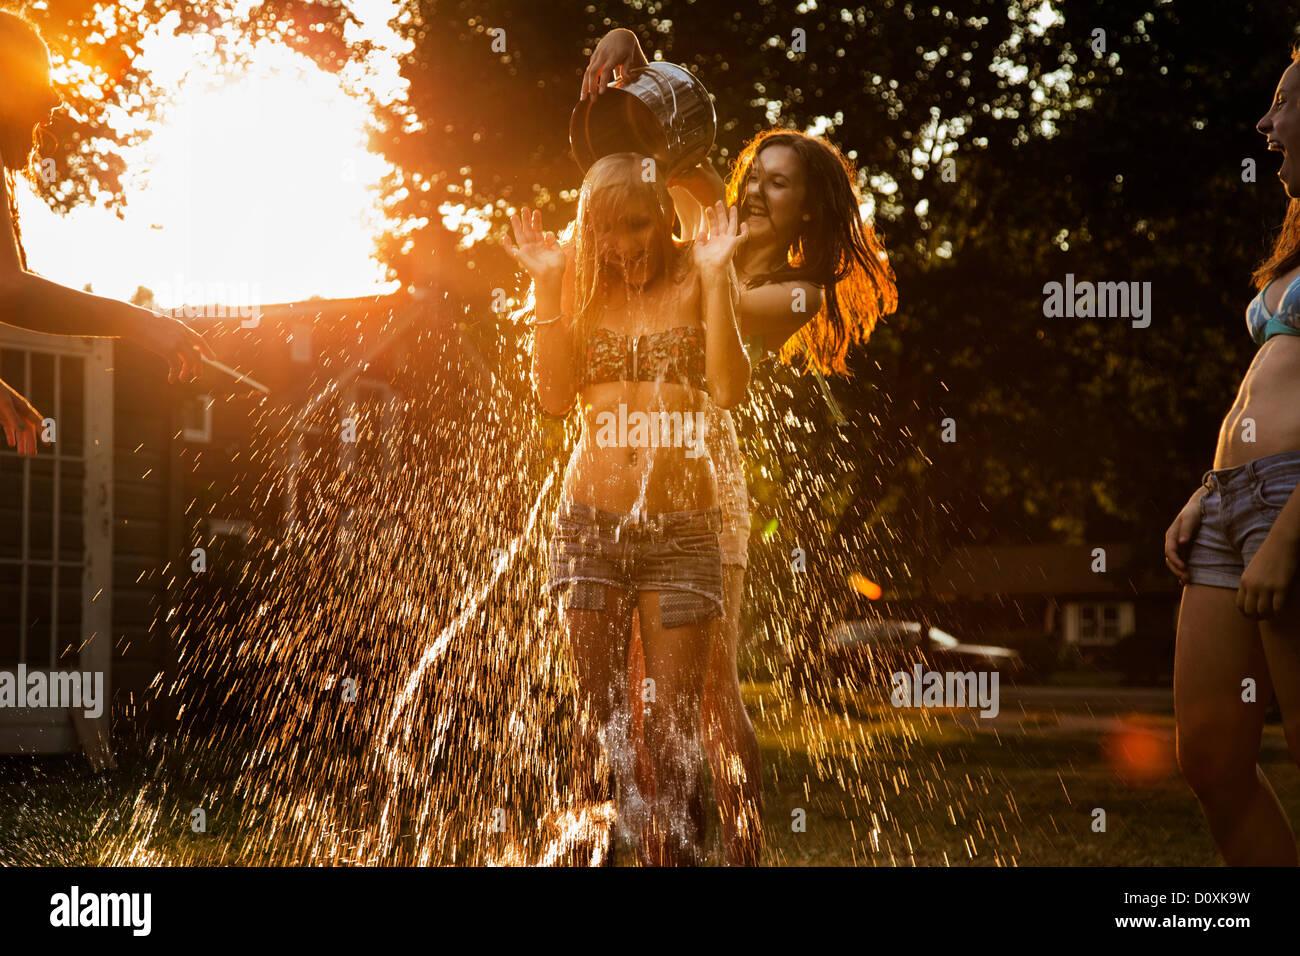 Eimer Wasser in Strömen über Freundes Kopf Mädchen Stockbild